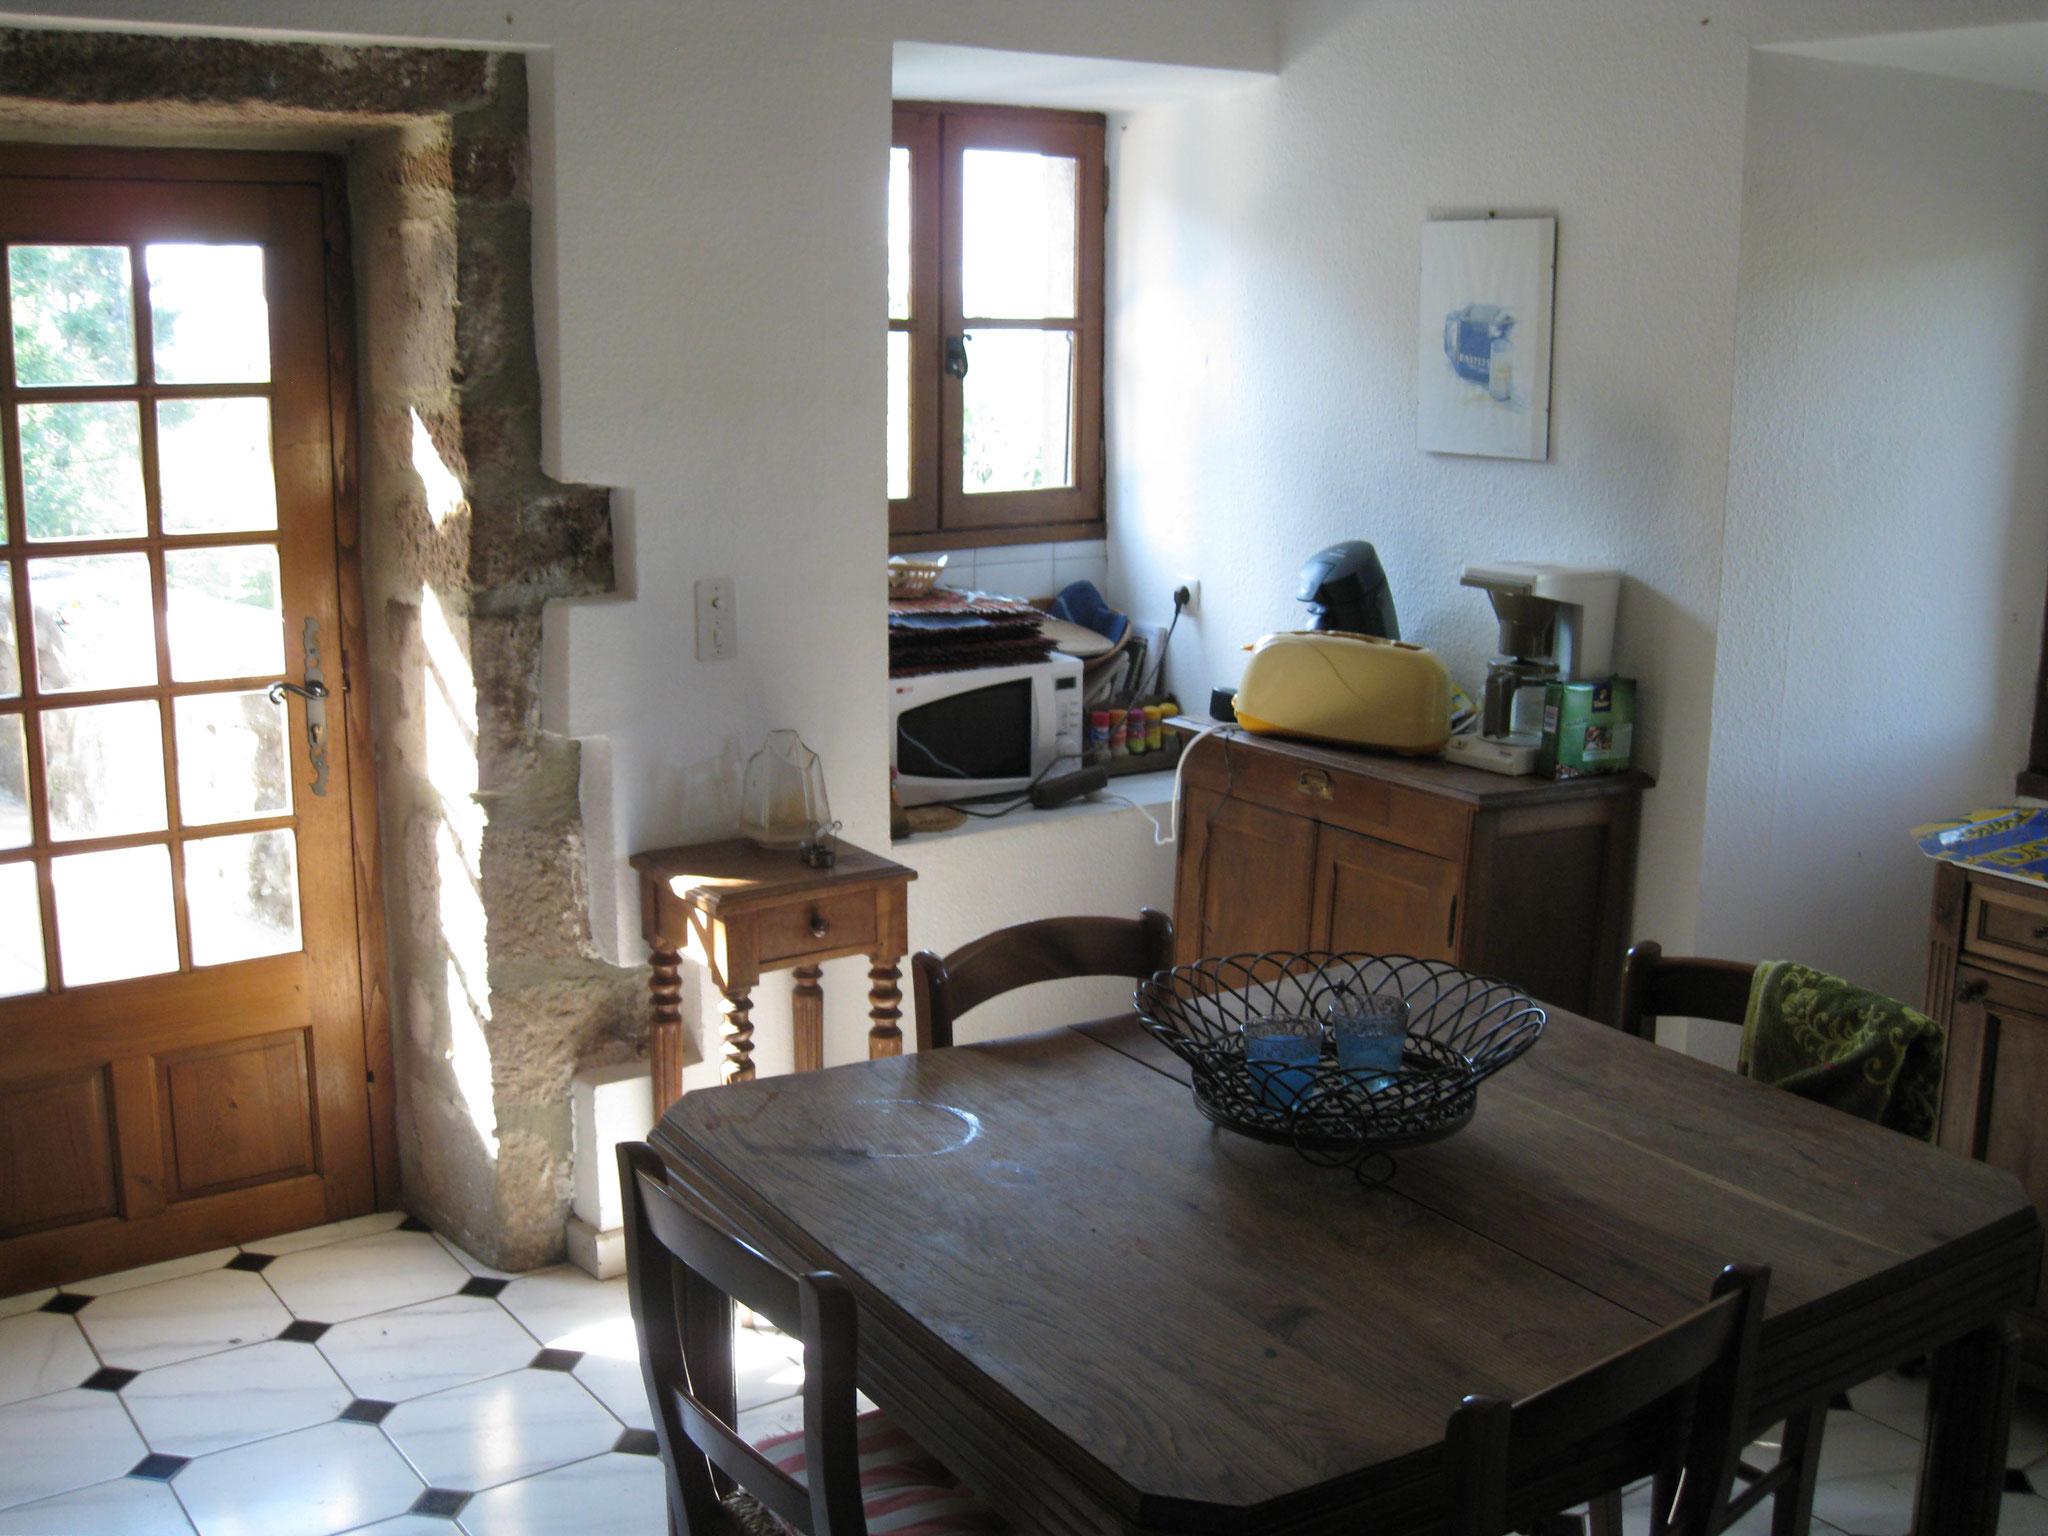 Küche mit Esstisch und direktem Zugang zur Terrasse